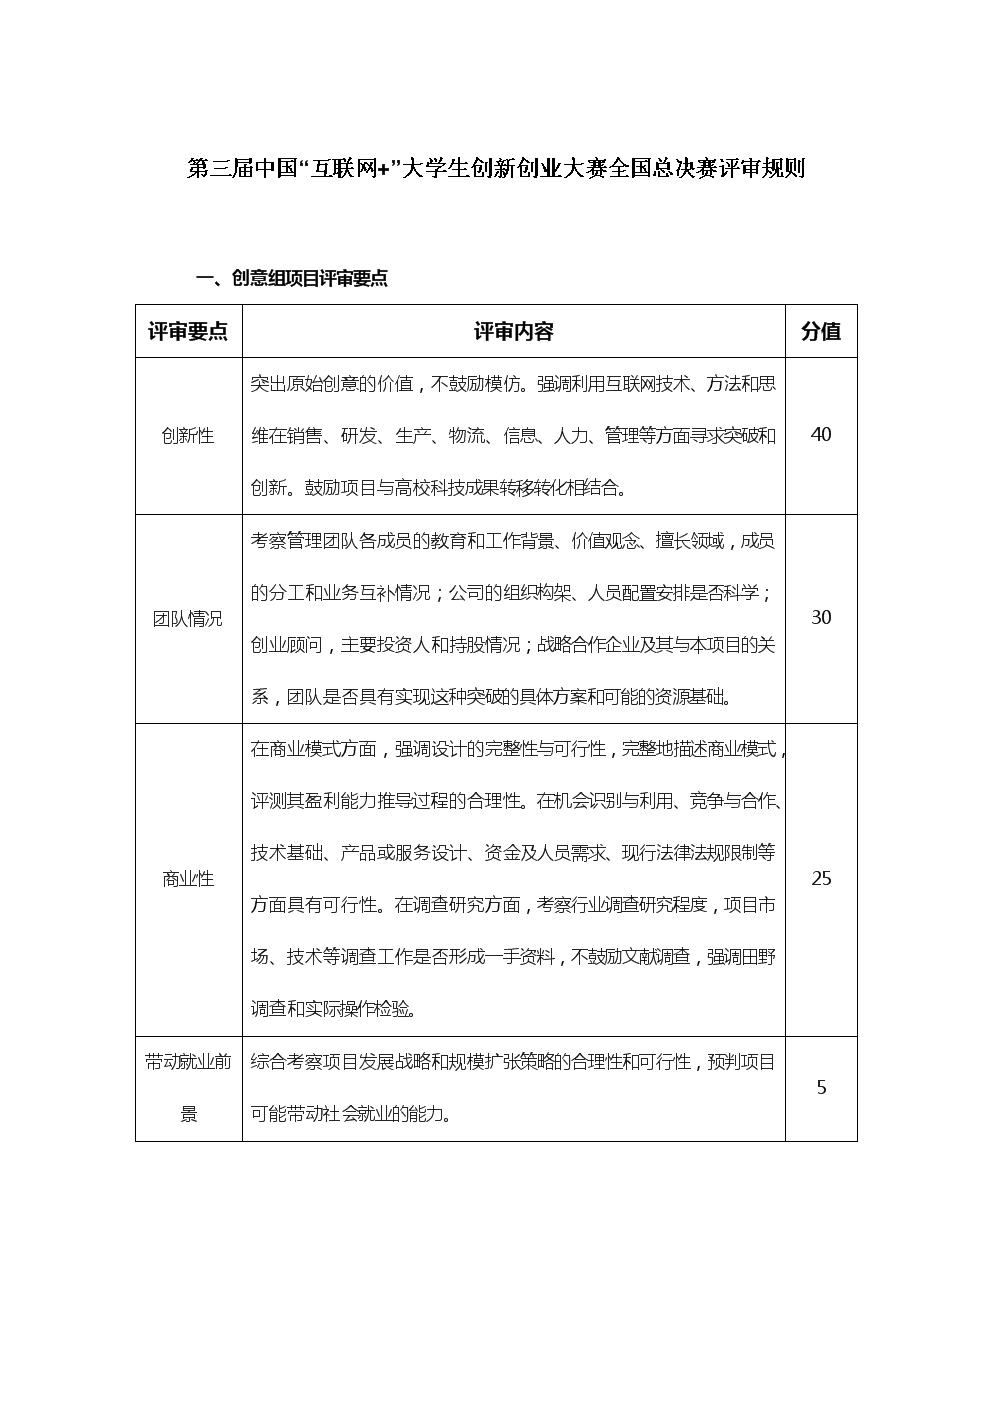 """(评审规则)第三届中国""""互联网+""""大学生创新创业大赛全国总决赛评审规则.docx"""